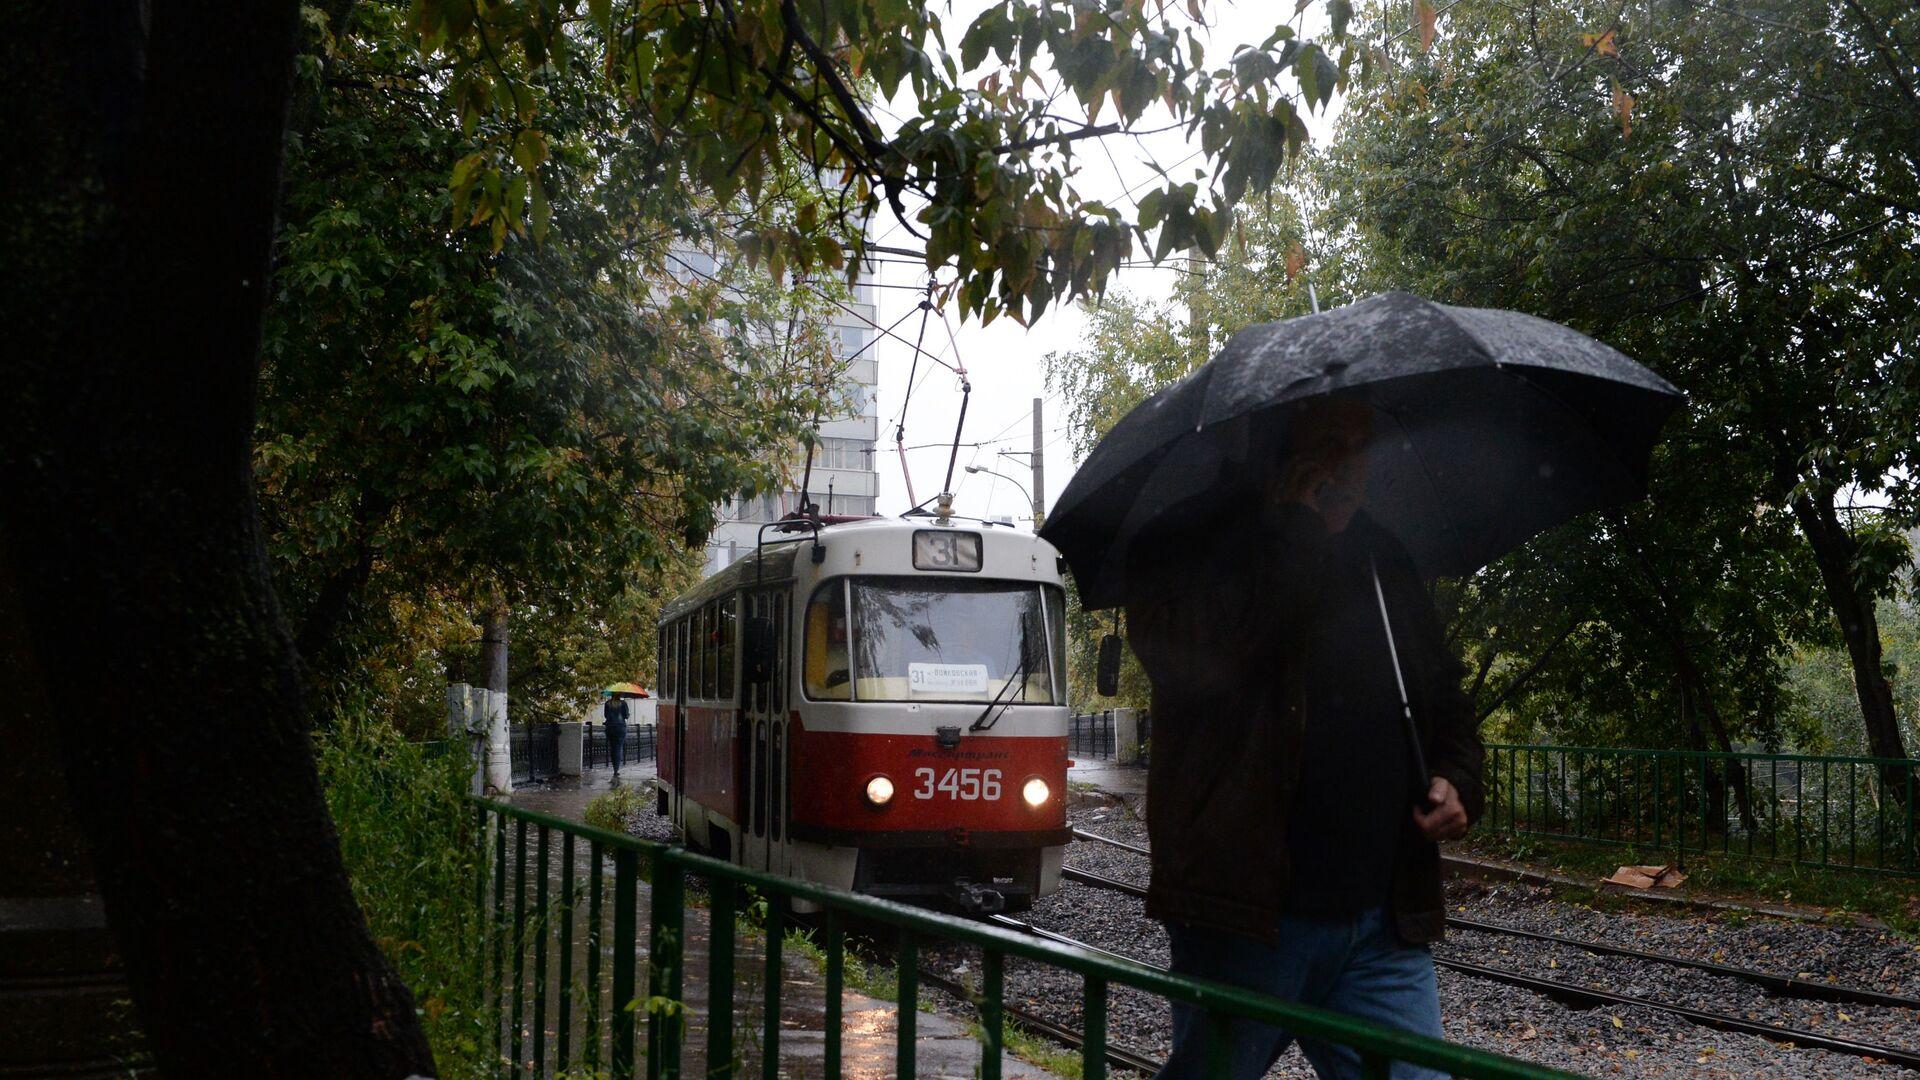 Déšť v Moskvě - Sputnik Česká republika, 1920, 13.05.2021